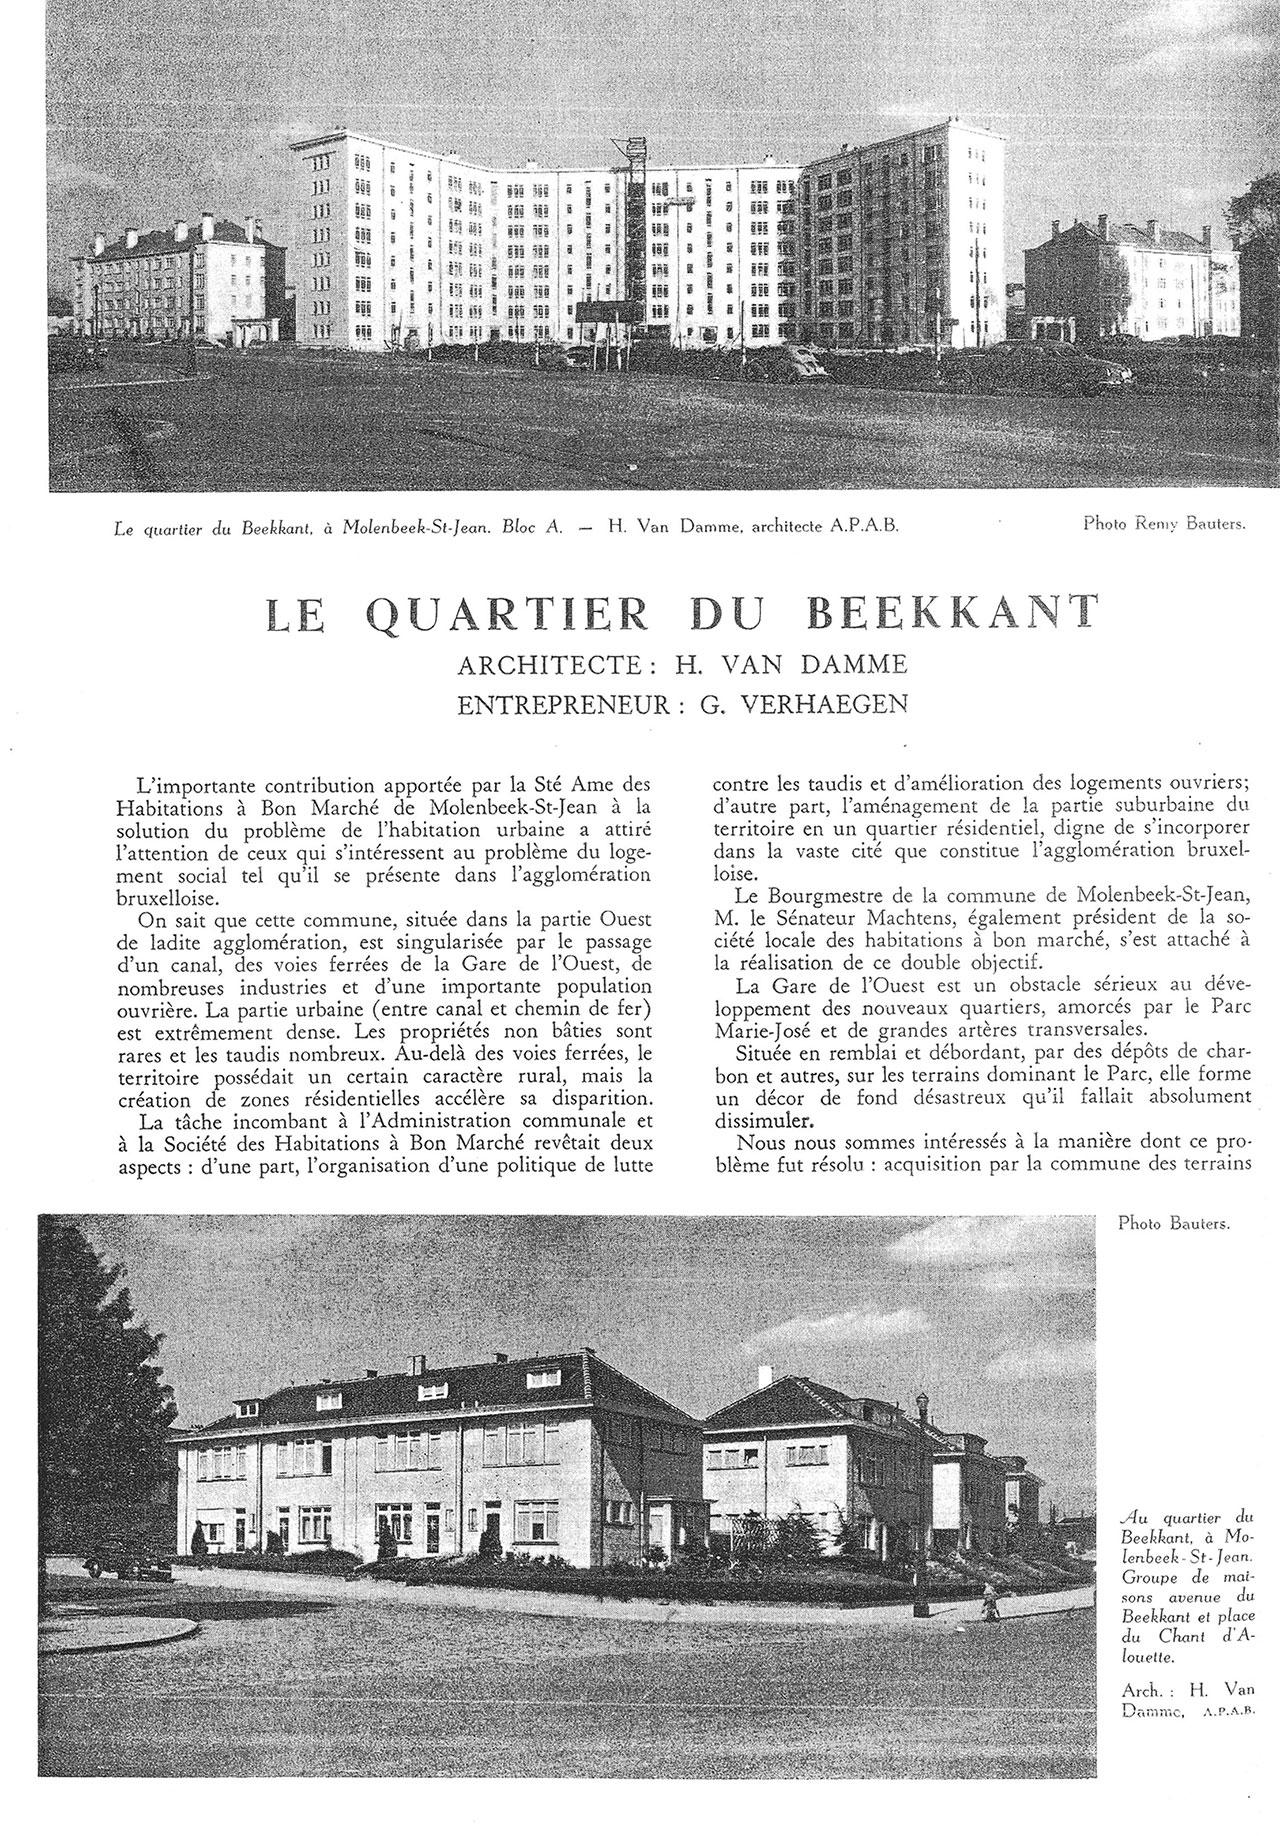 Le quartier du Beekkant